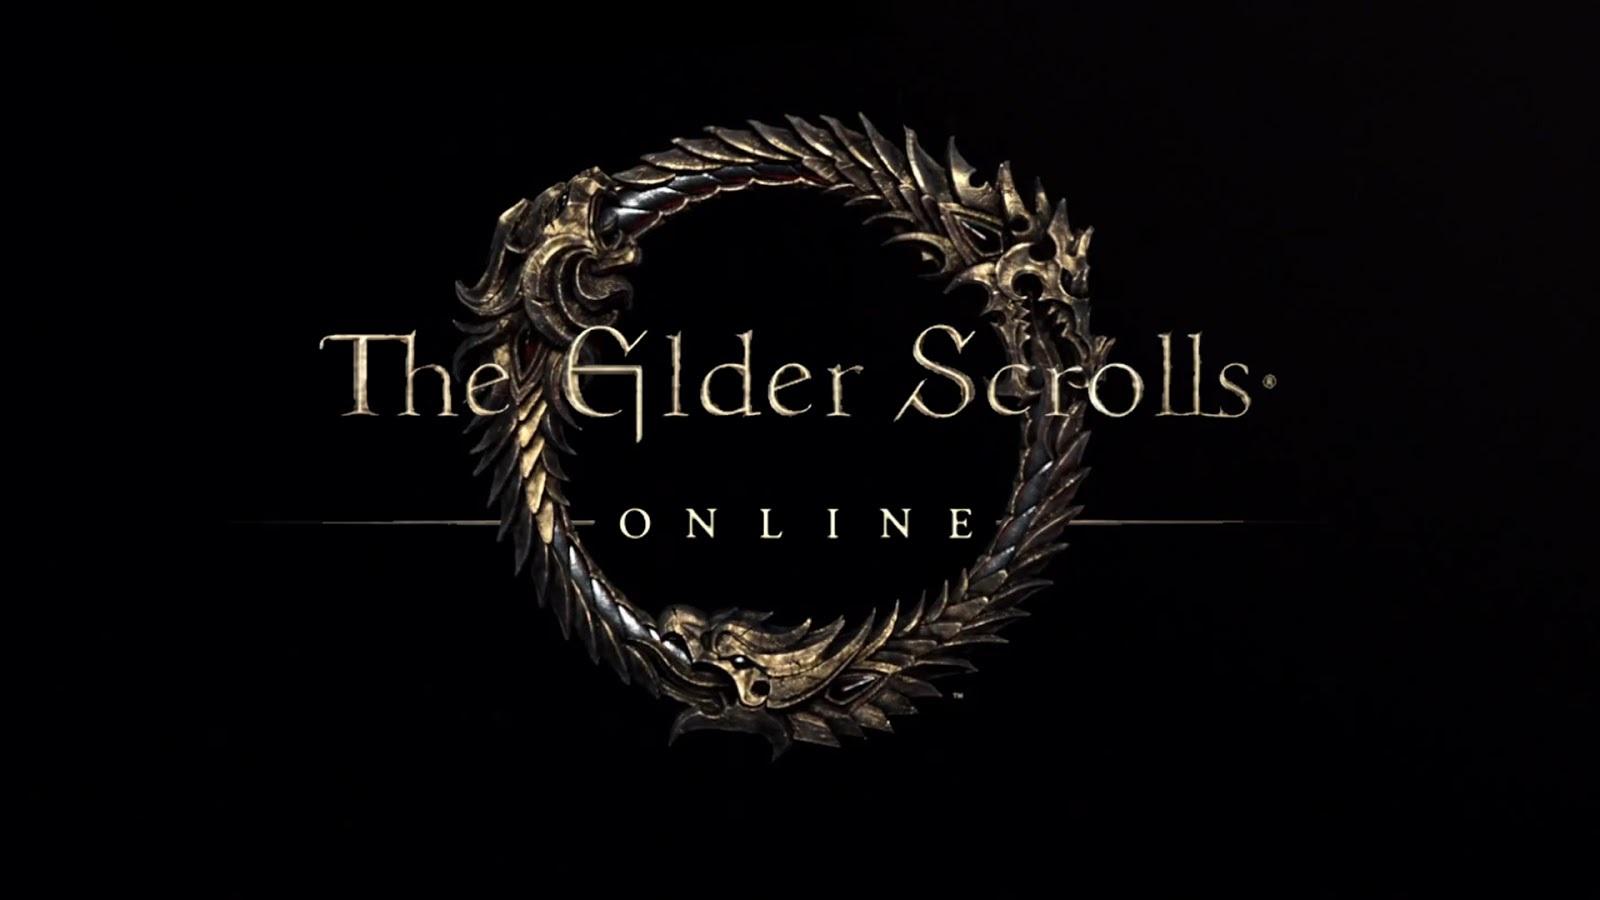 The Elder Scrolls Online Free Beta Keys